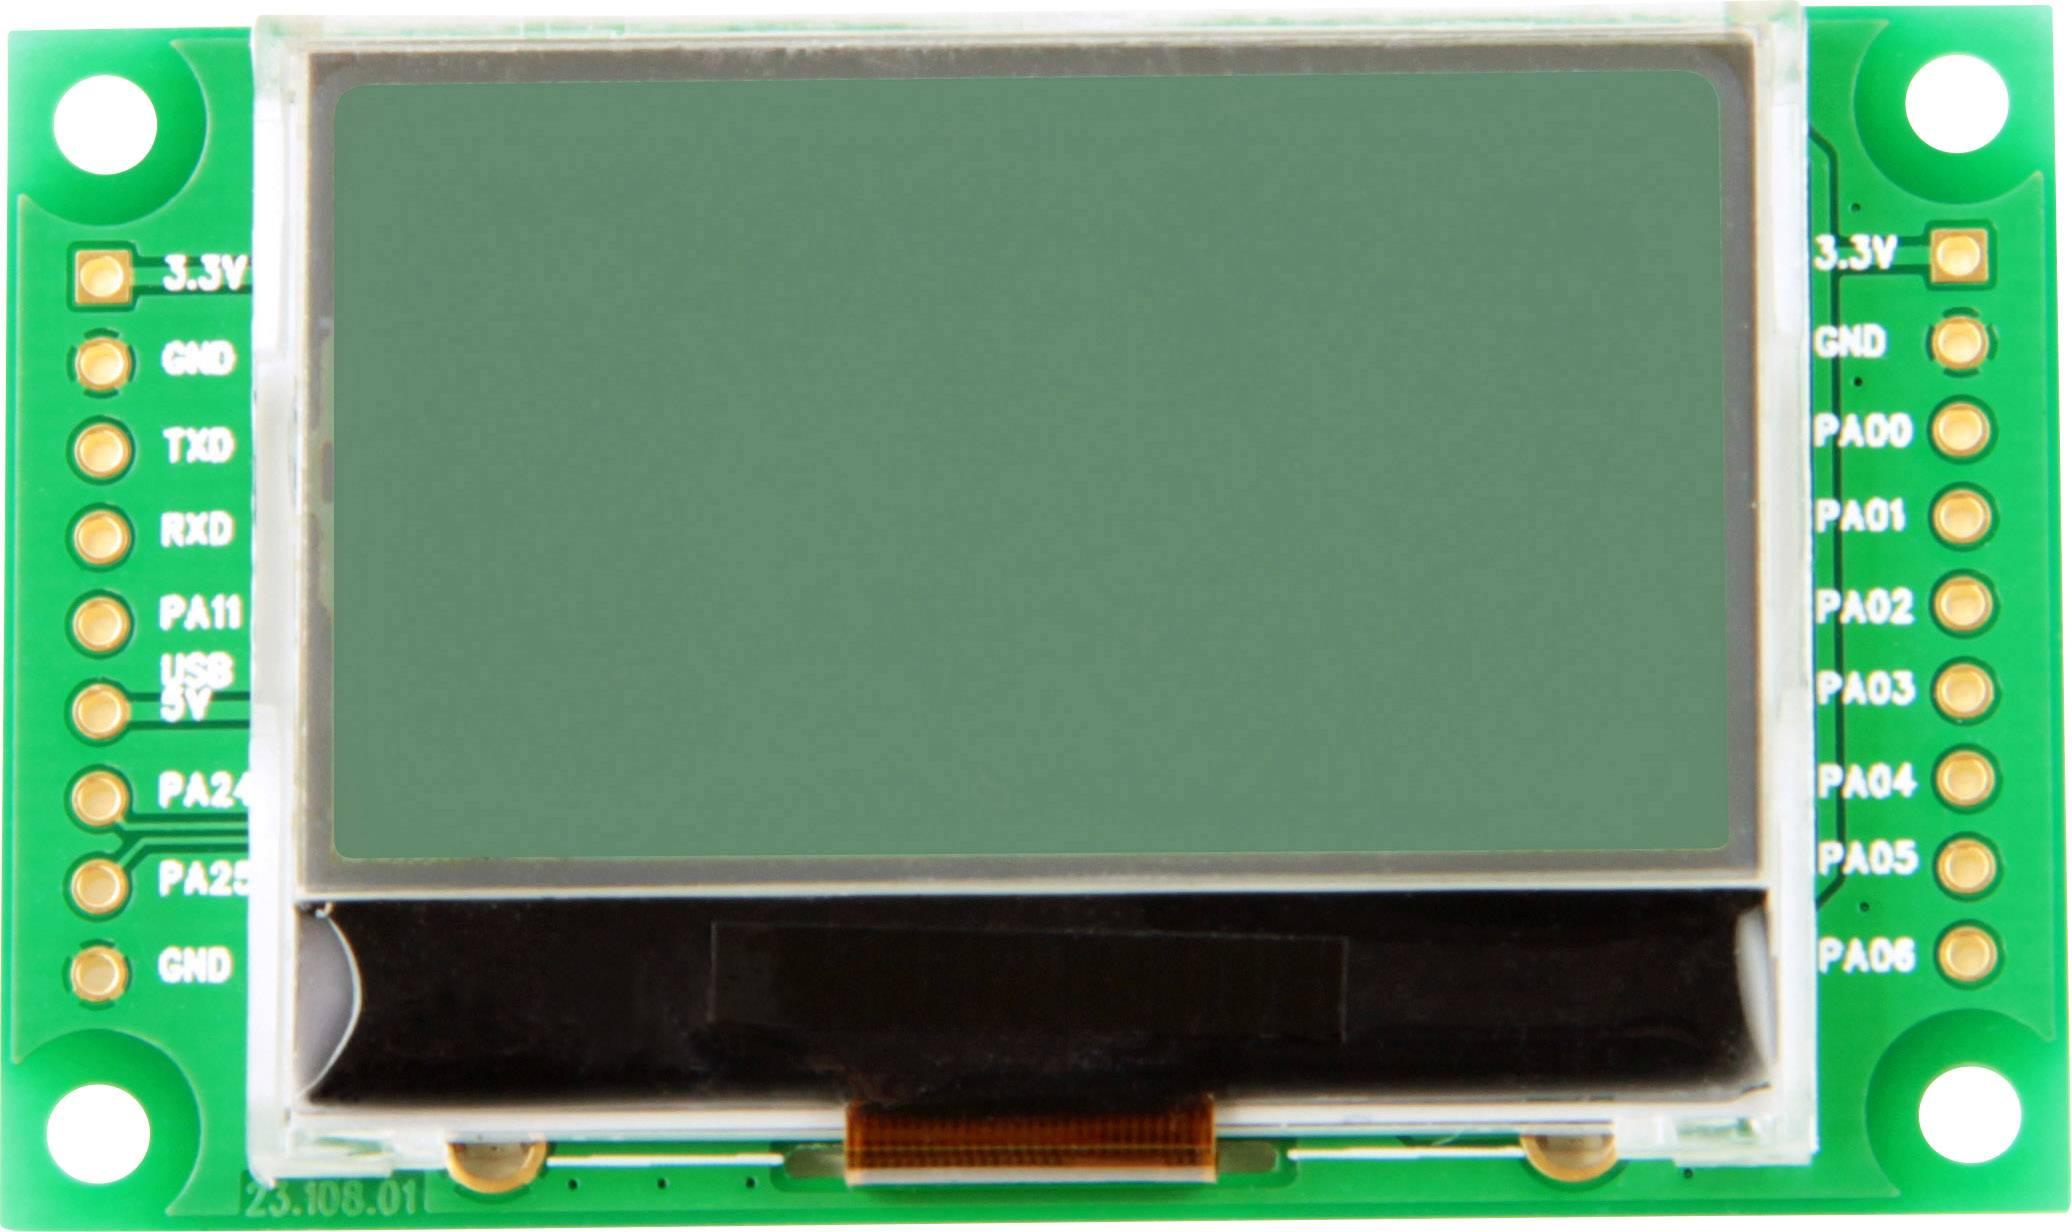 LCD displej Taskit LCD_Term15 545960, 128 x 64 pix, (š x v x h) 59.3 x 6 x 29.4 mm, čierna, svetlozelená